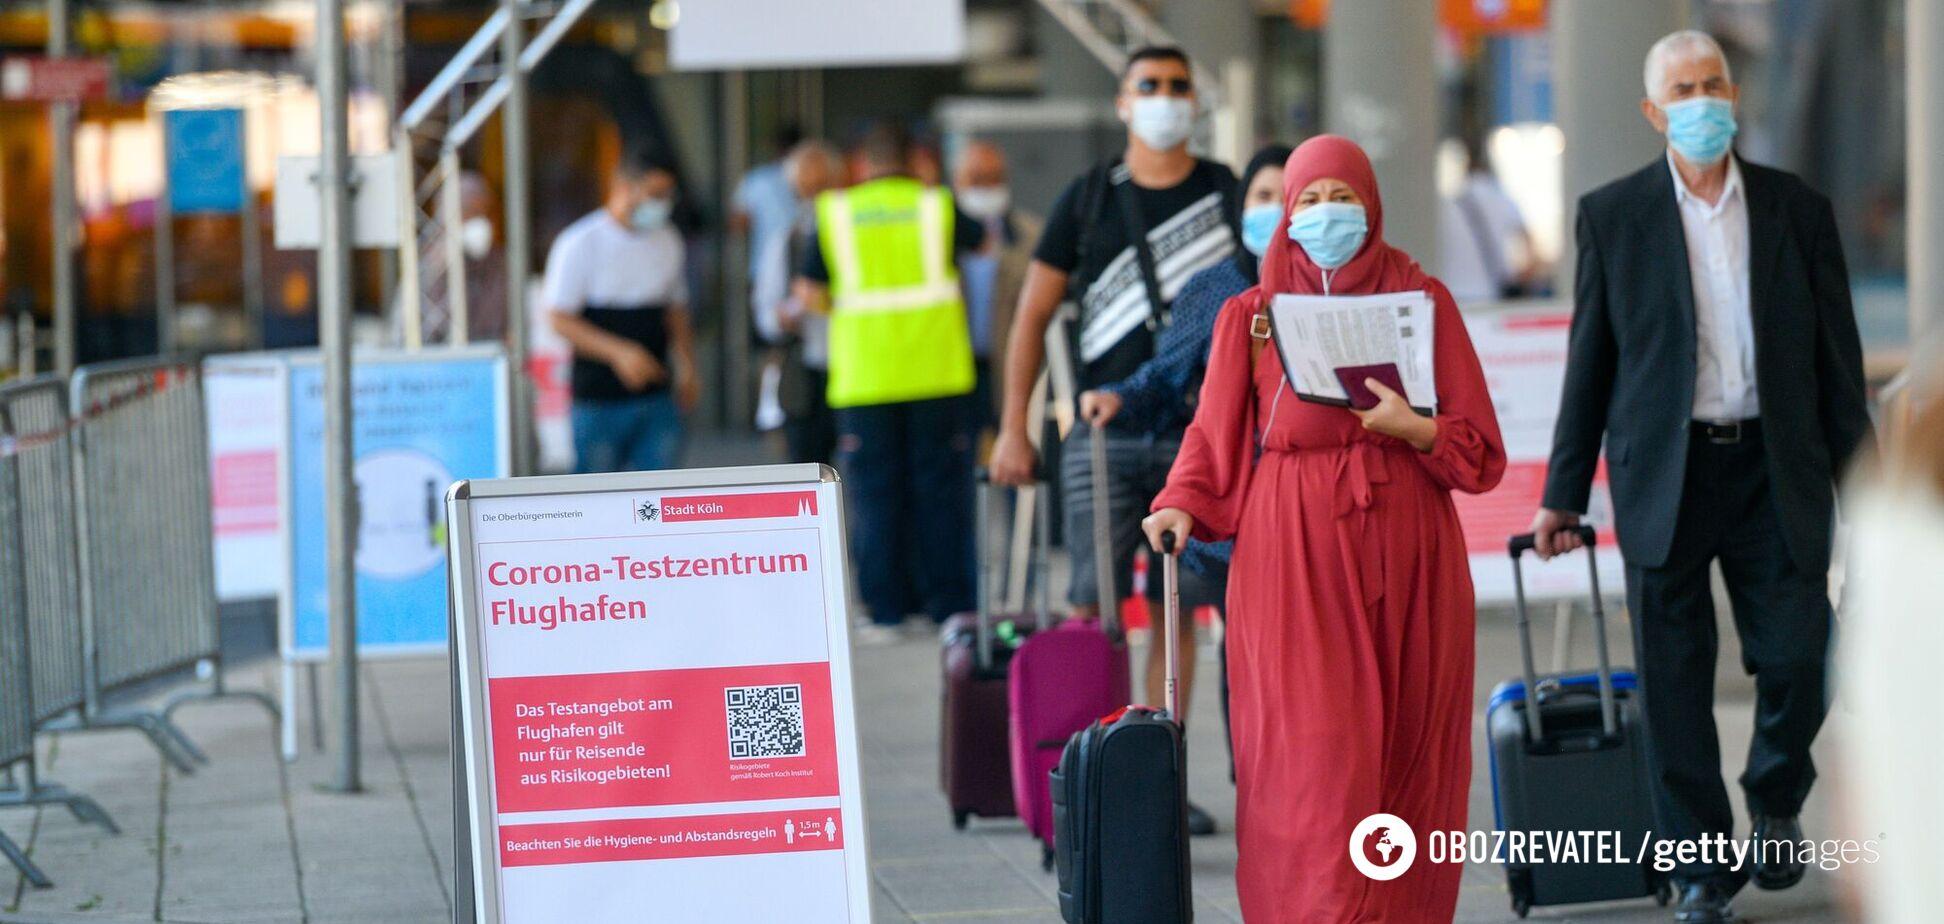 Албания на три недели вводит комендантский час